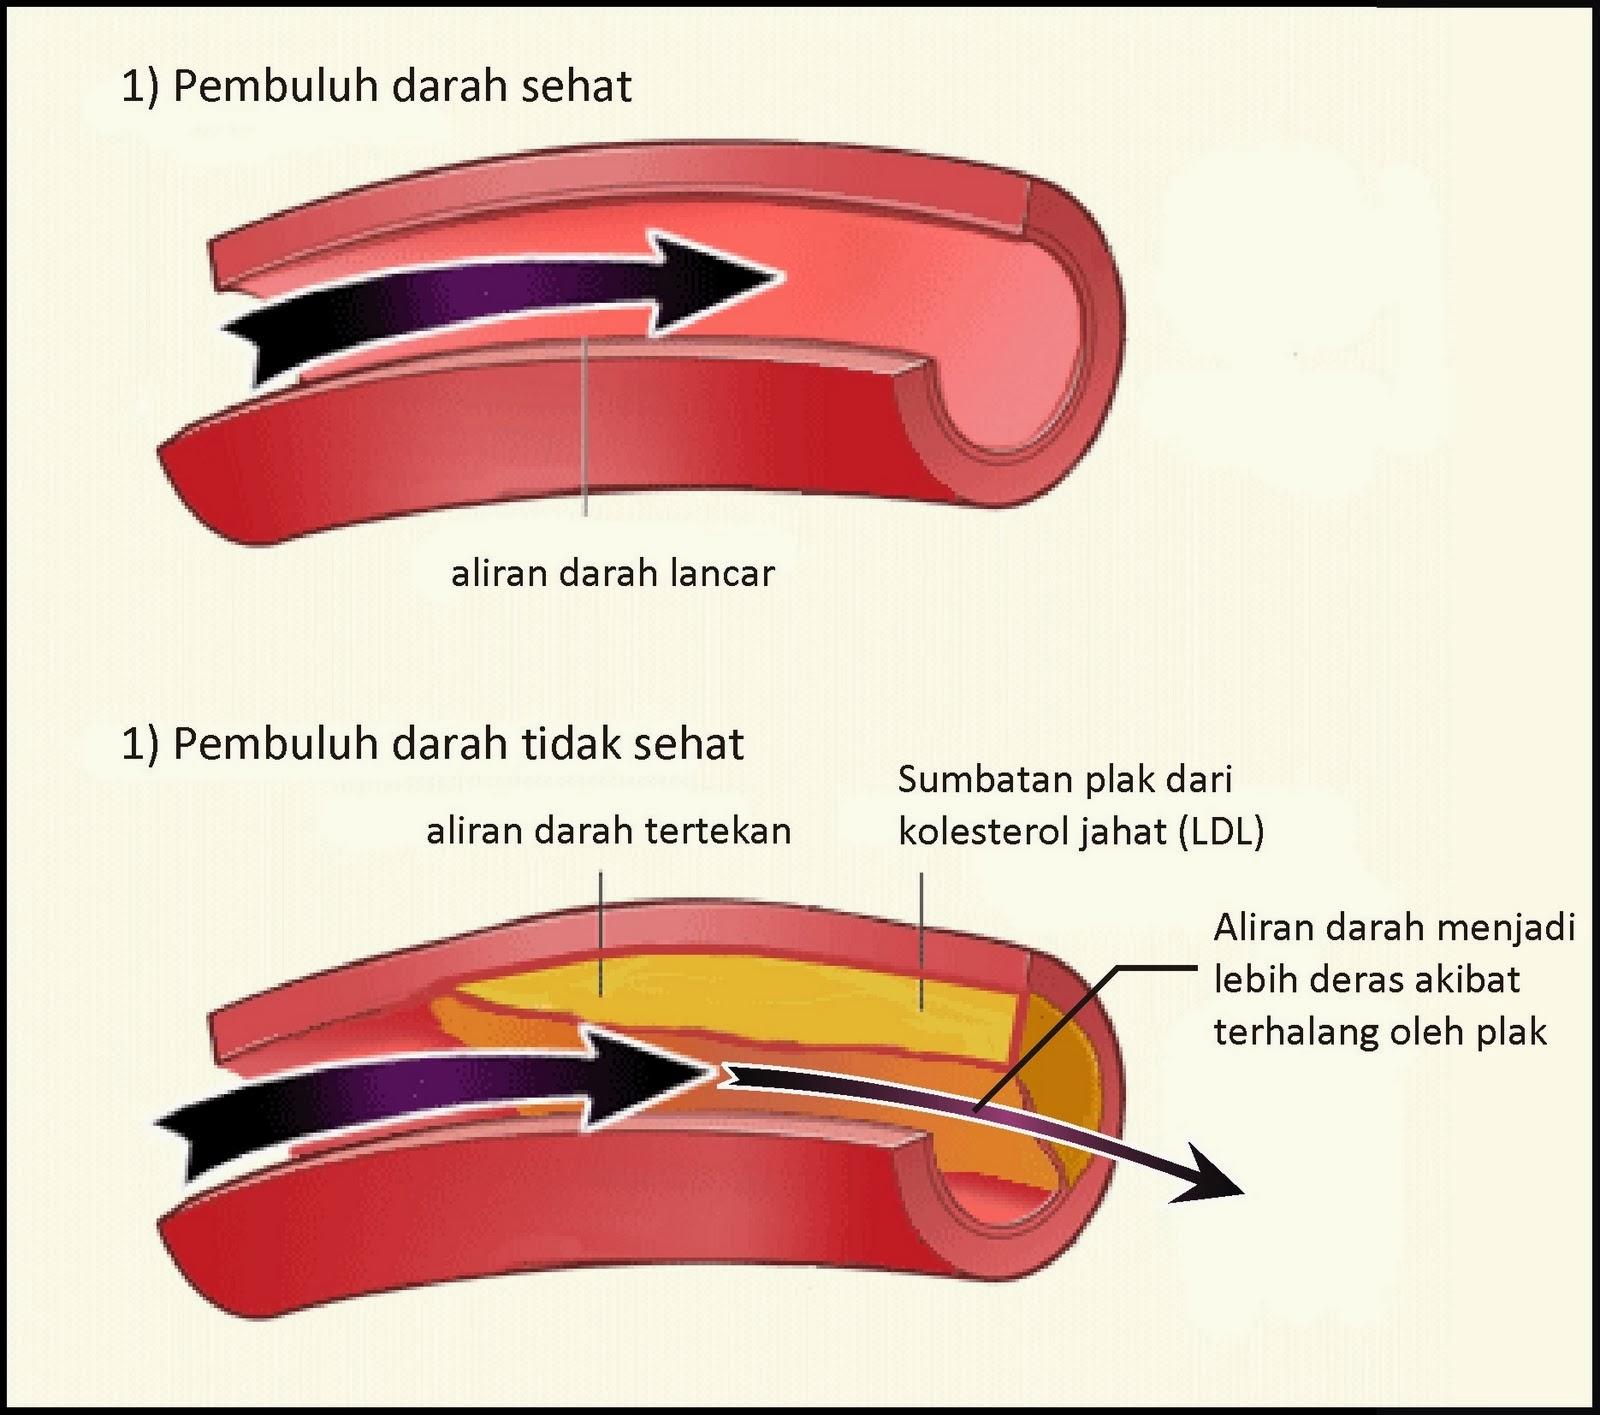 Penyakit, Gangguan dan Kelainan pada sistem peredaran darah